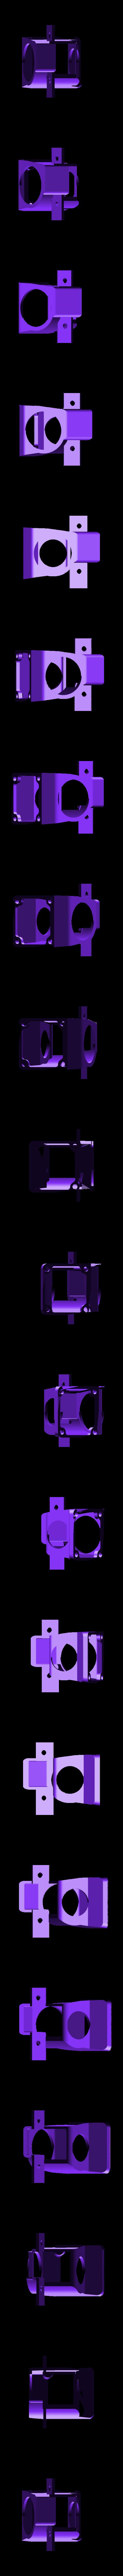 E_Fan_duct.stl Télécharger fichier STL gratuit Adaptateur E3d v6 pour Flyingbear P902 • Design à imprimer en 3D, Brignetti_Longoni